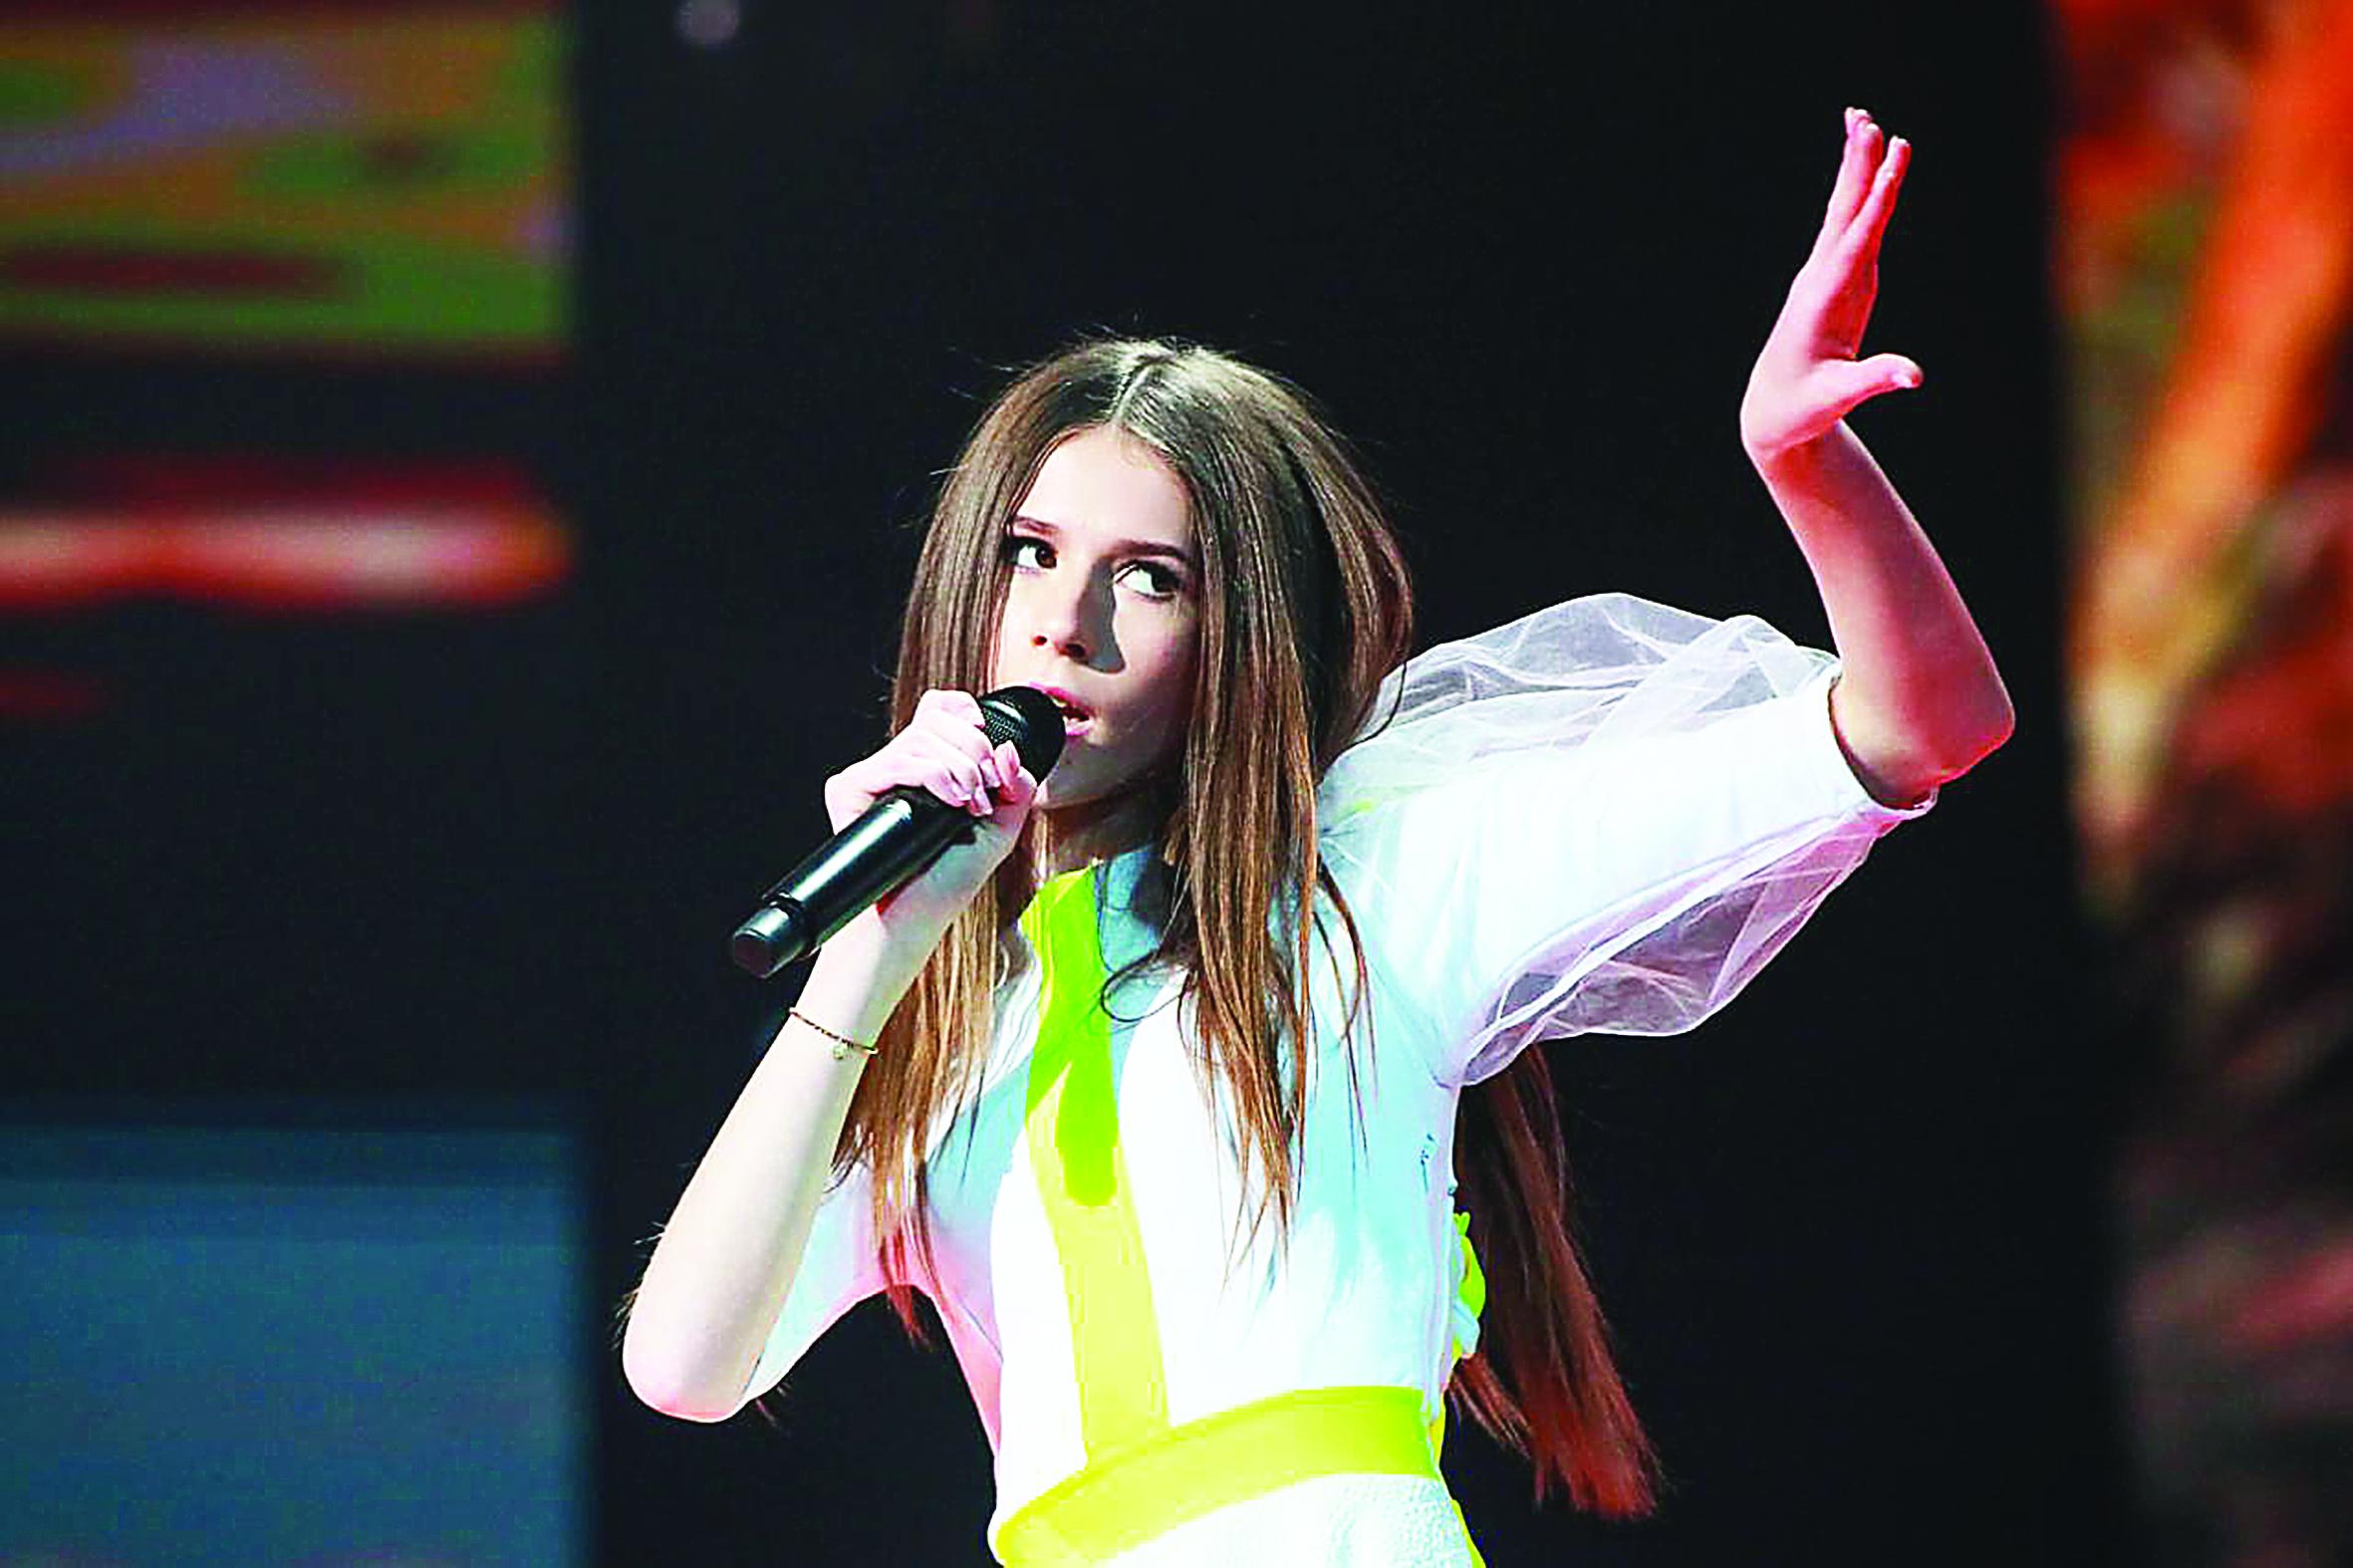 Rozmowa z Roksaną Węgiel, która zwyciężyła w tegorocznej edycji Eurowizji Junior  - Zdjęcie główne